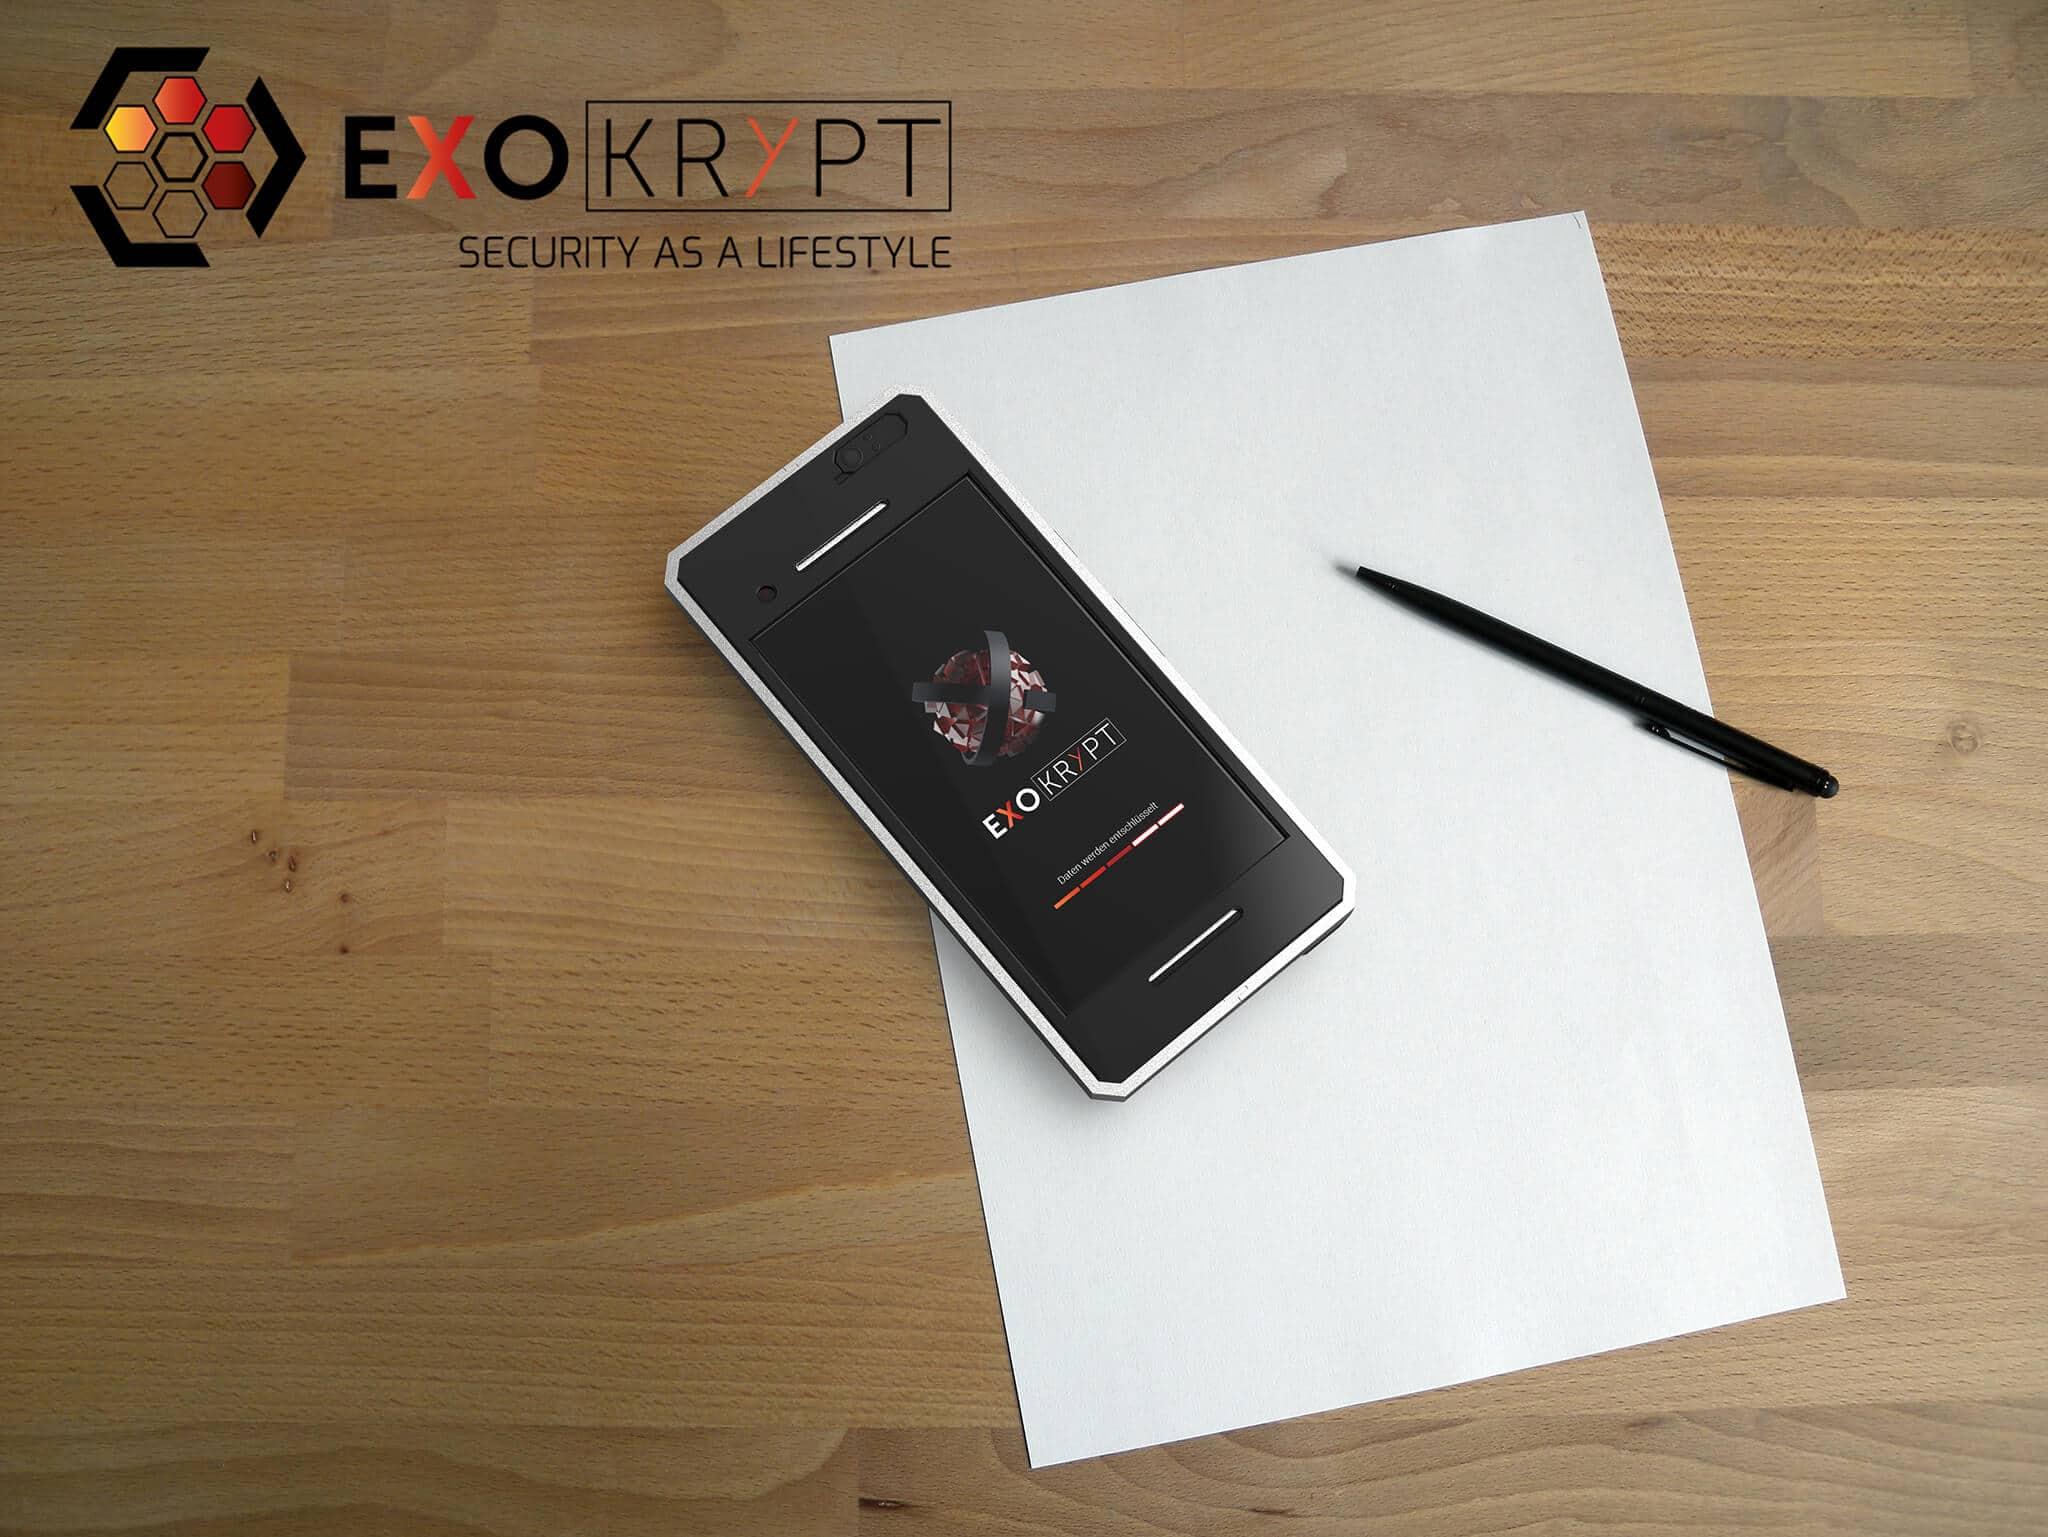 ExoShield BUSINESS Smartphone Case - Brushed Metal Frame - Frontansicht auf einem Holztisch auf einem Papierblatt liegend mit Kugelschreiber daneben